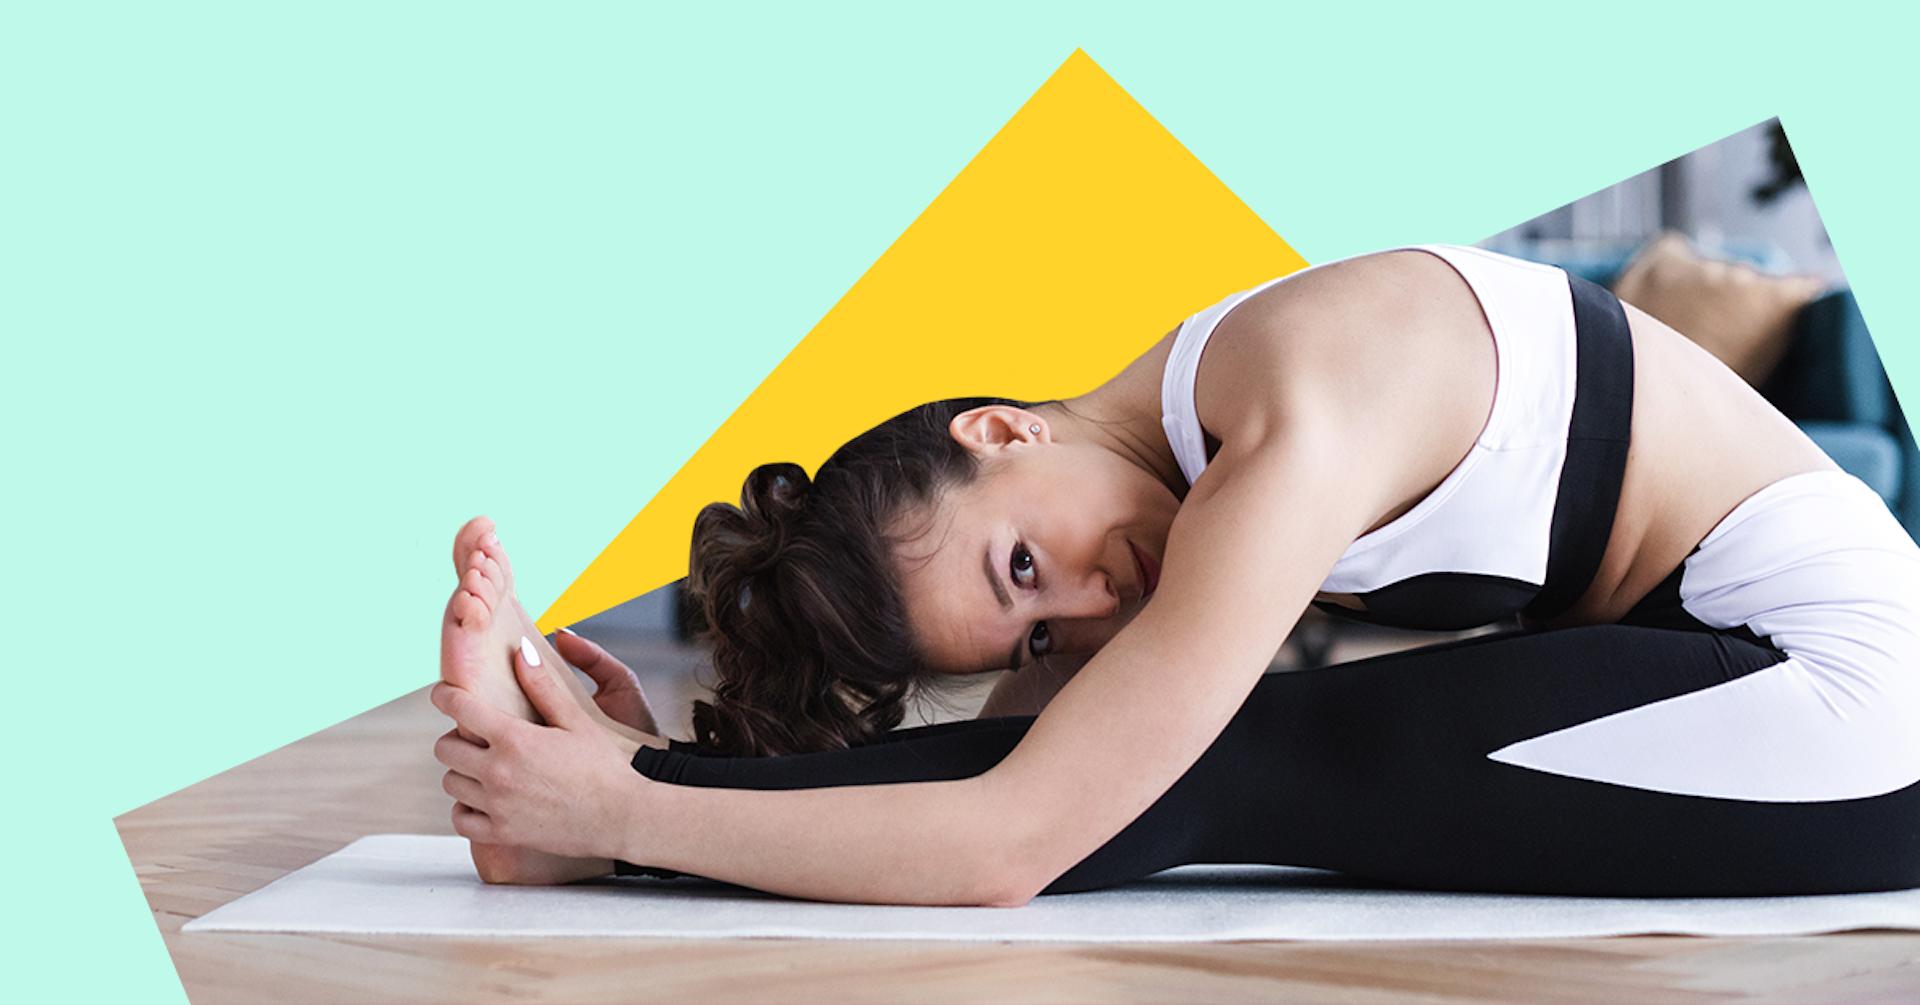 ¿Yoga online?: Quiero empezar a practicar en casa